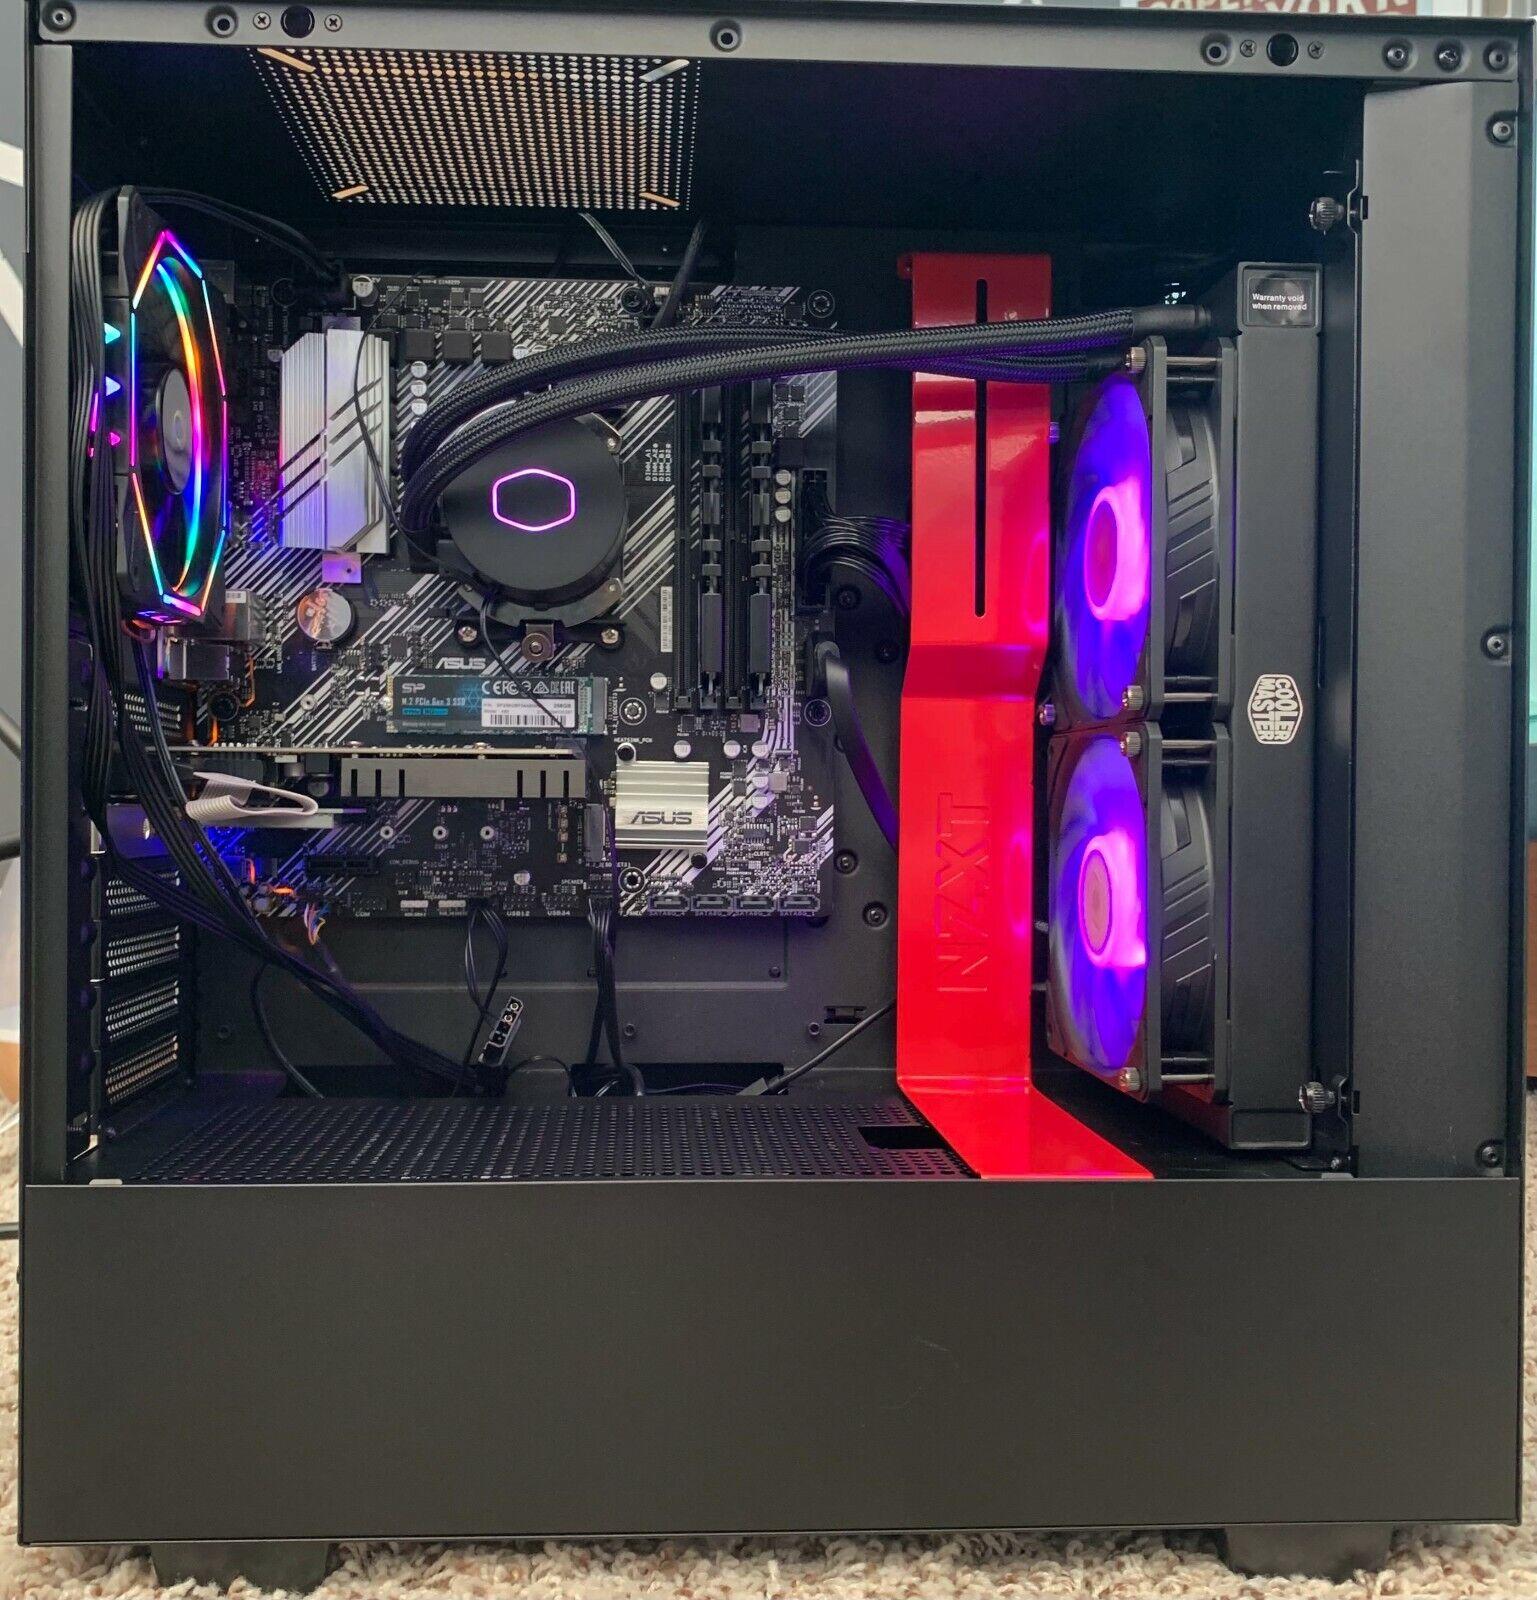 GAMING PC AMD RYZEN 3 3200G COOLER MASTER CPU COOLER 16GB RAM 2GB GPU 256SSD RGB